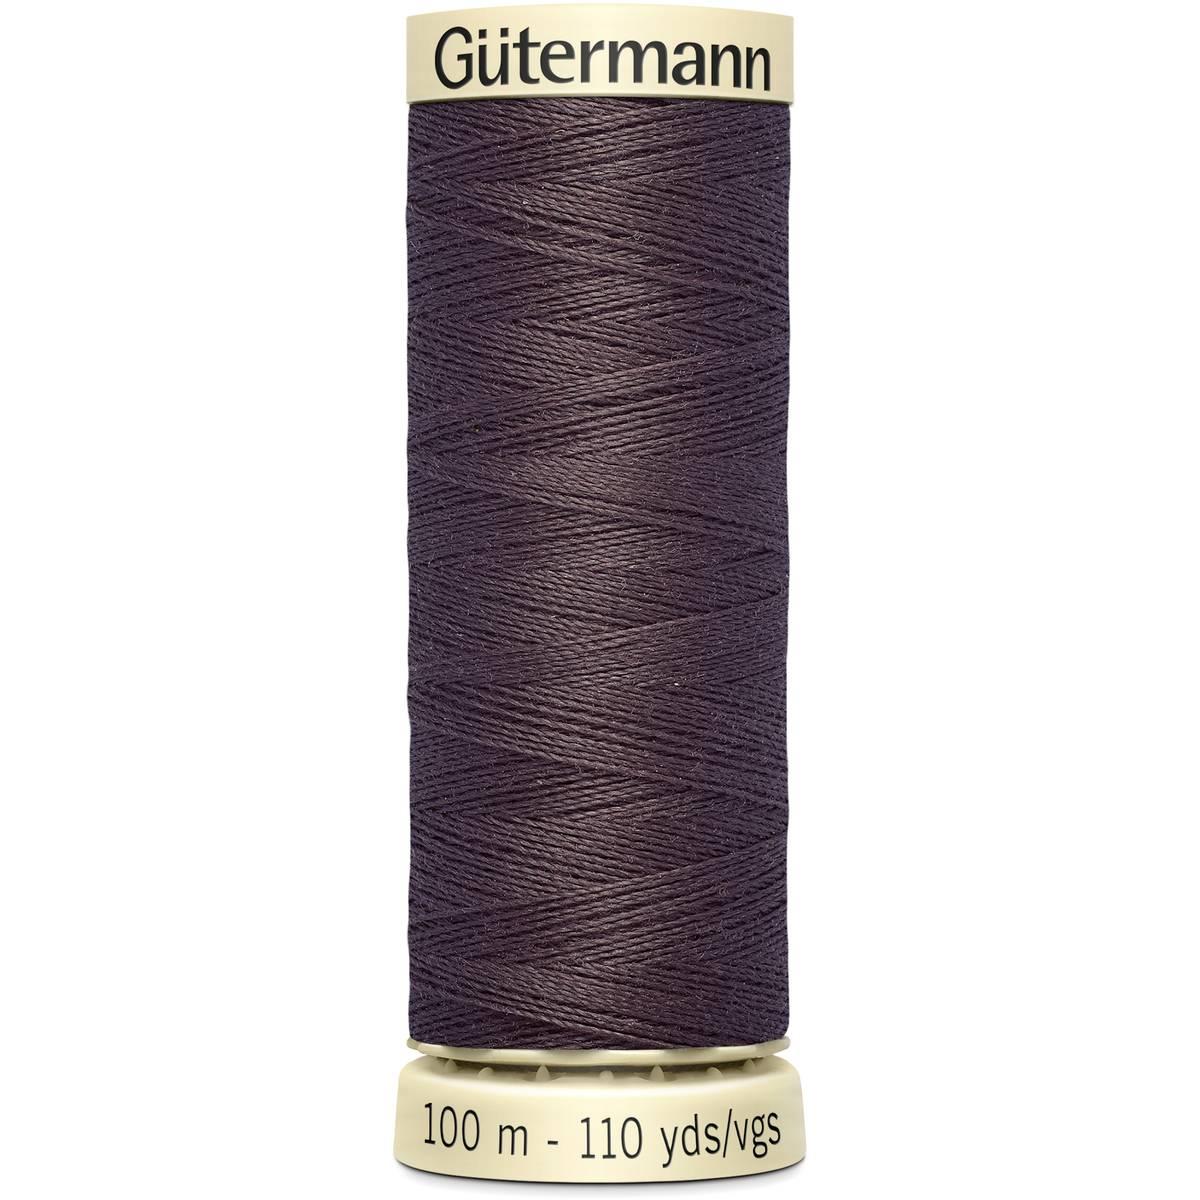 חוט תפירה גוטרמן - Brown 540